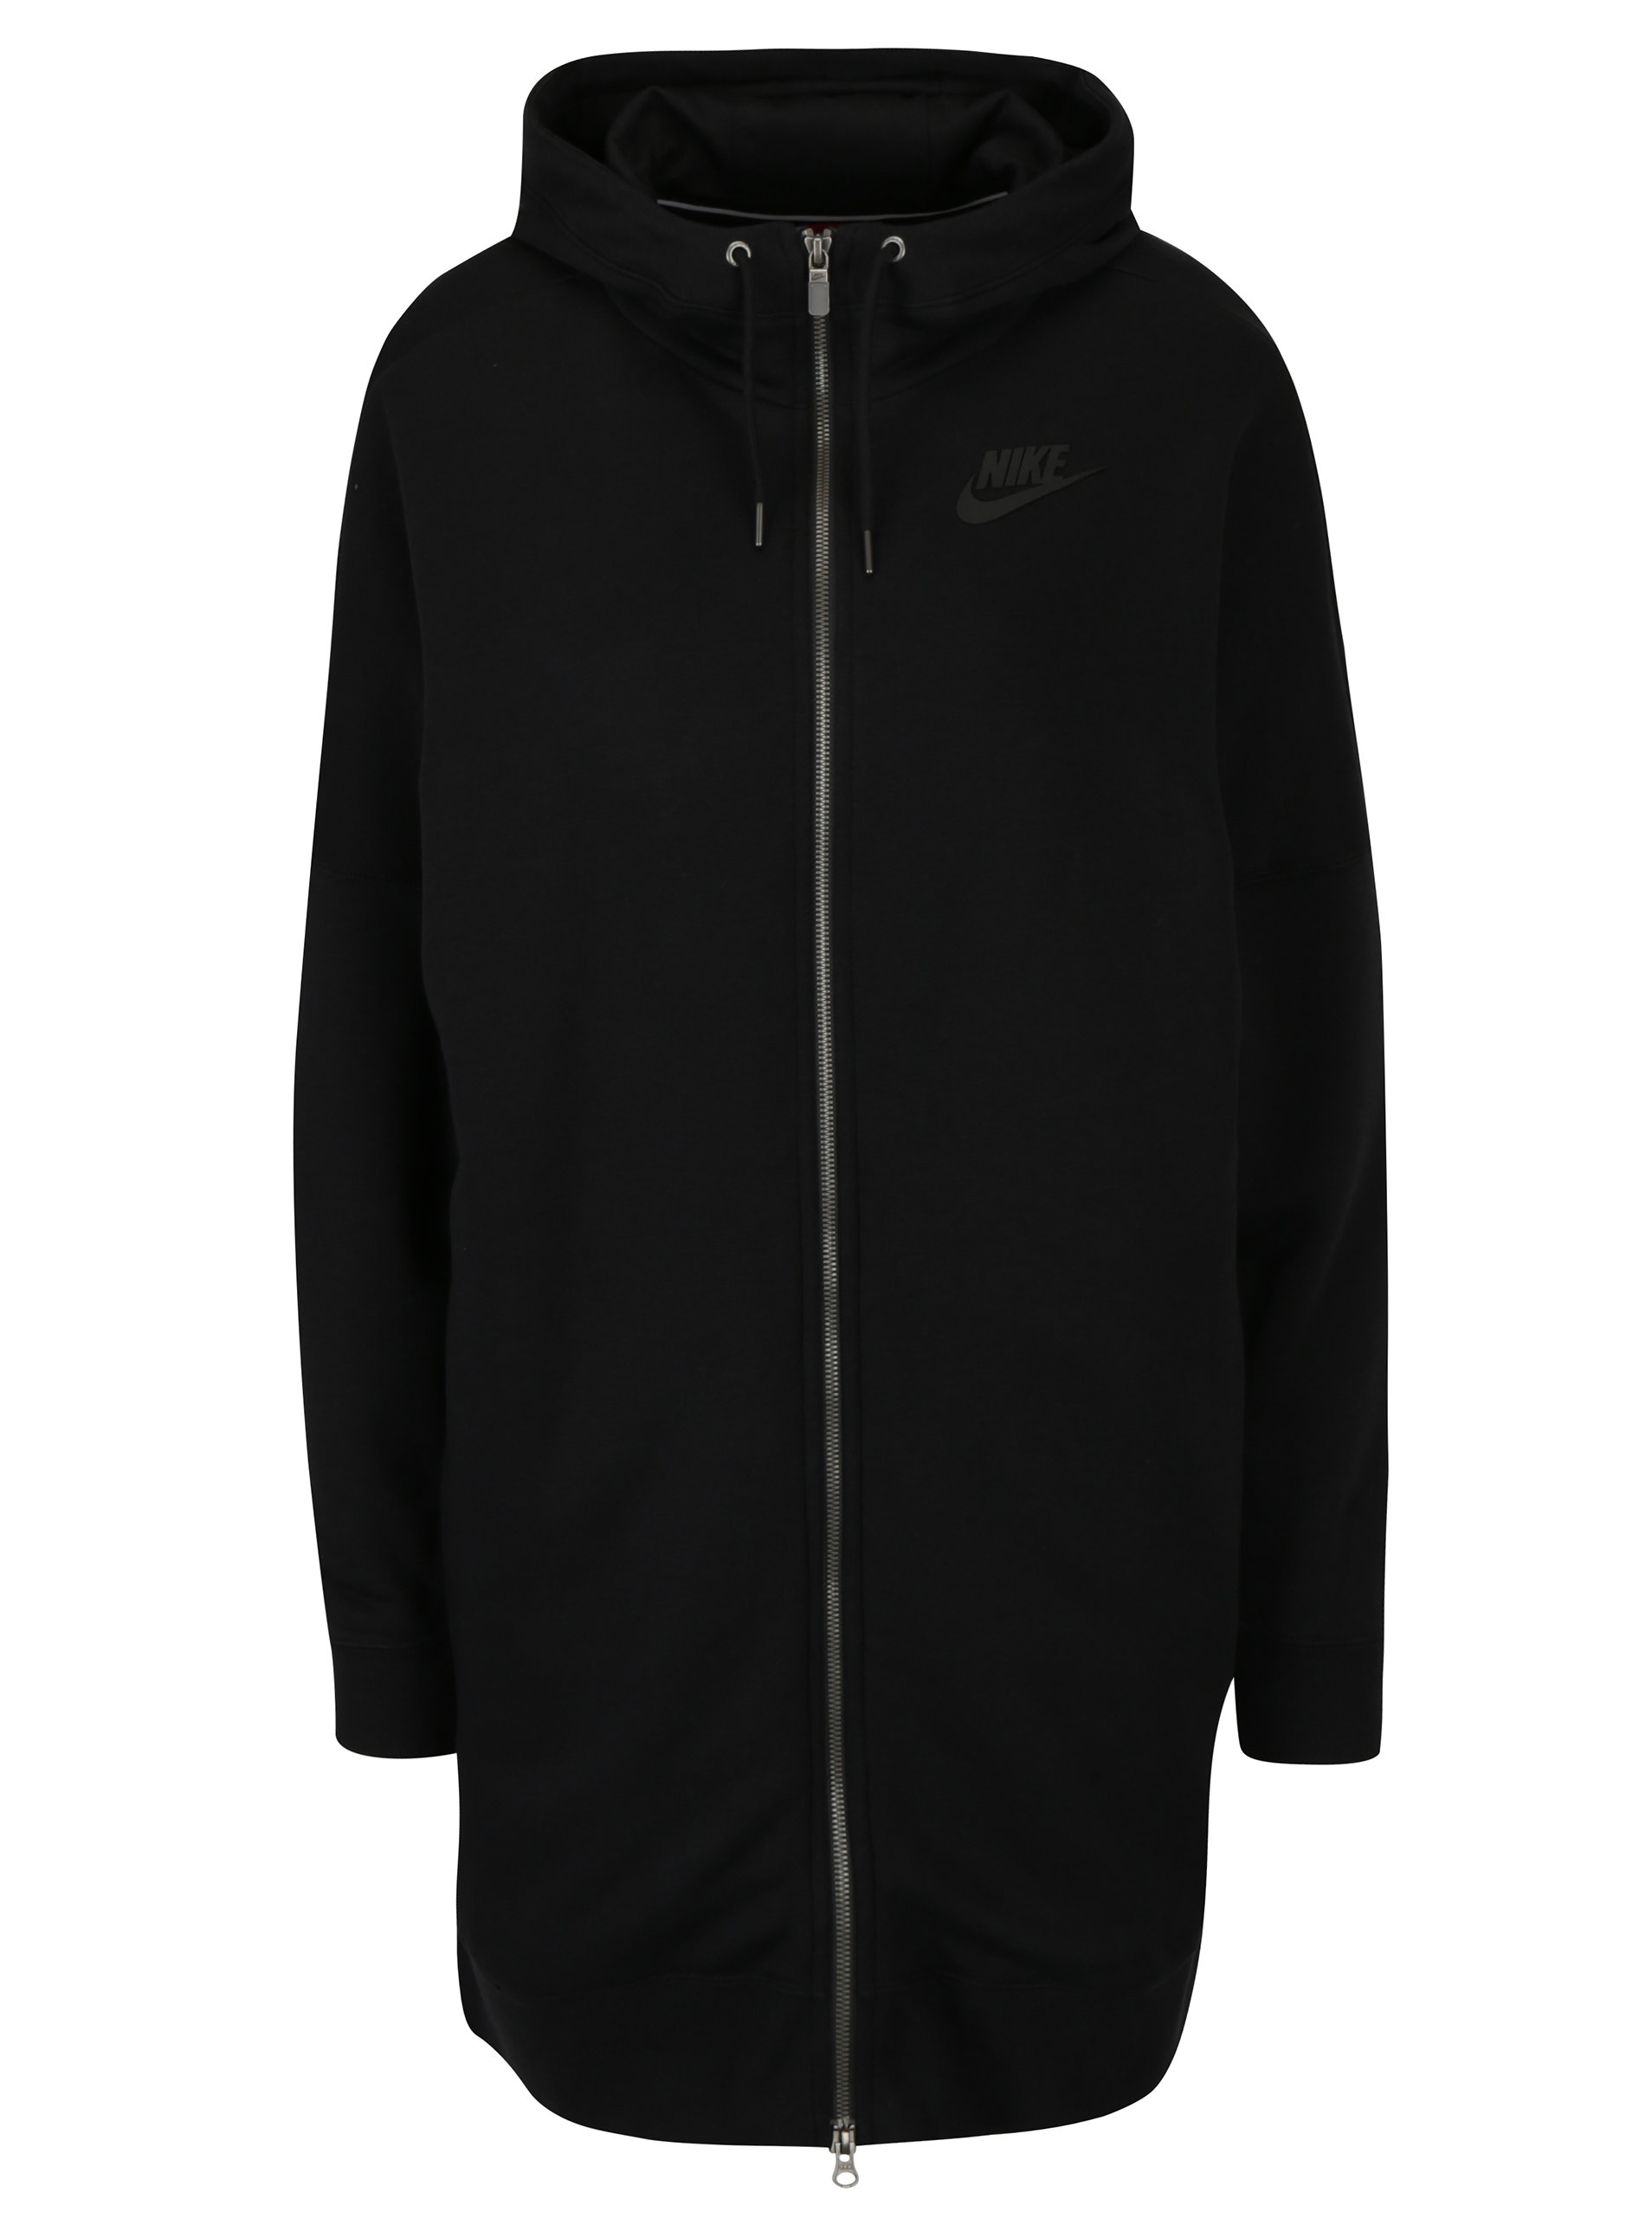 Čierna dámska dlhá mikina s kapucňou Nike Hoodie ... 42be0fe10bc